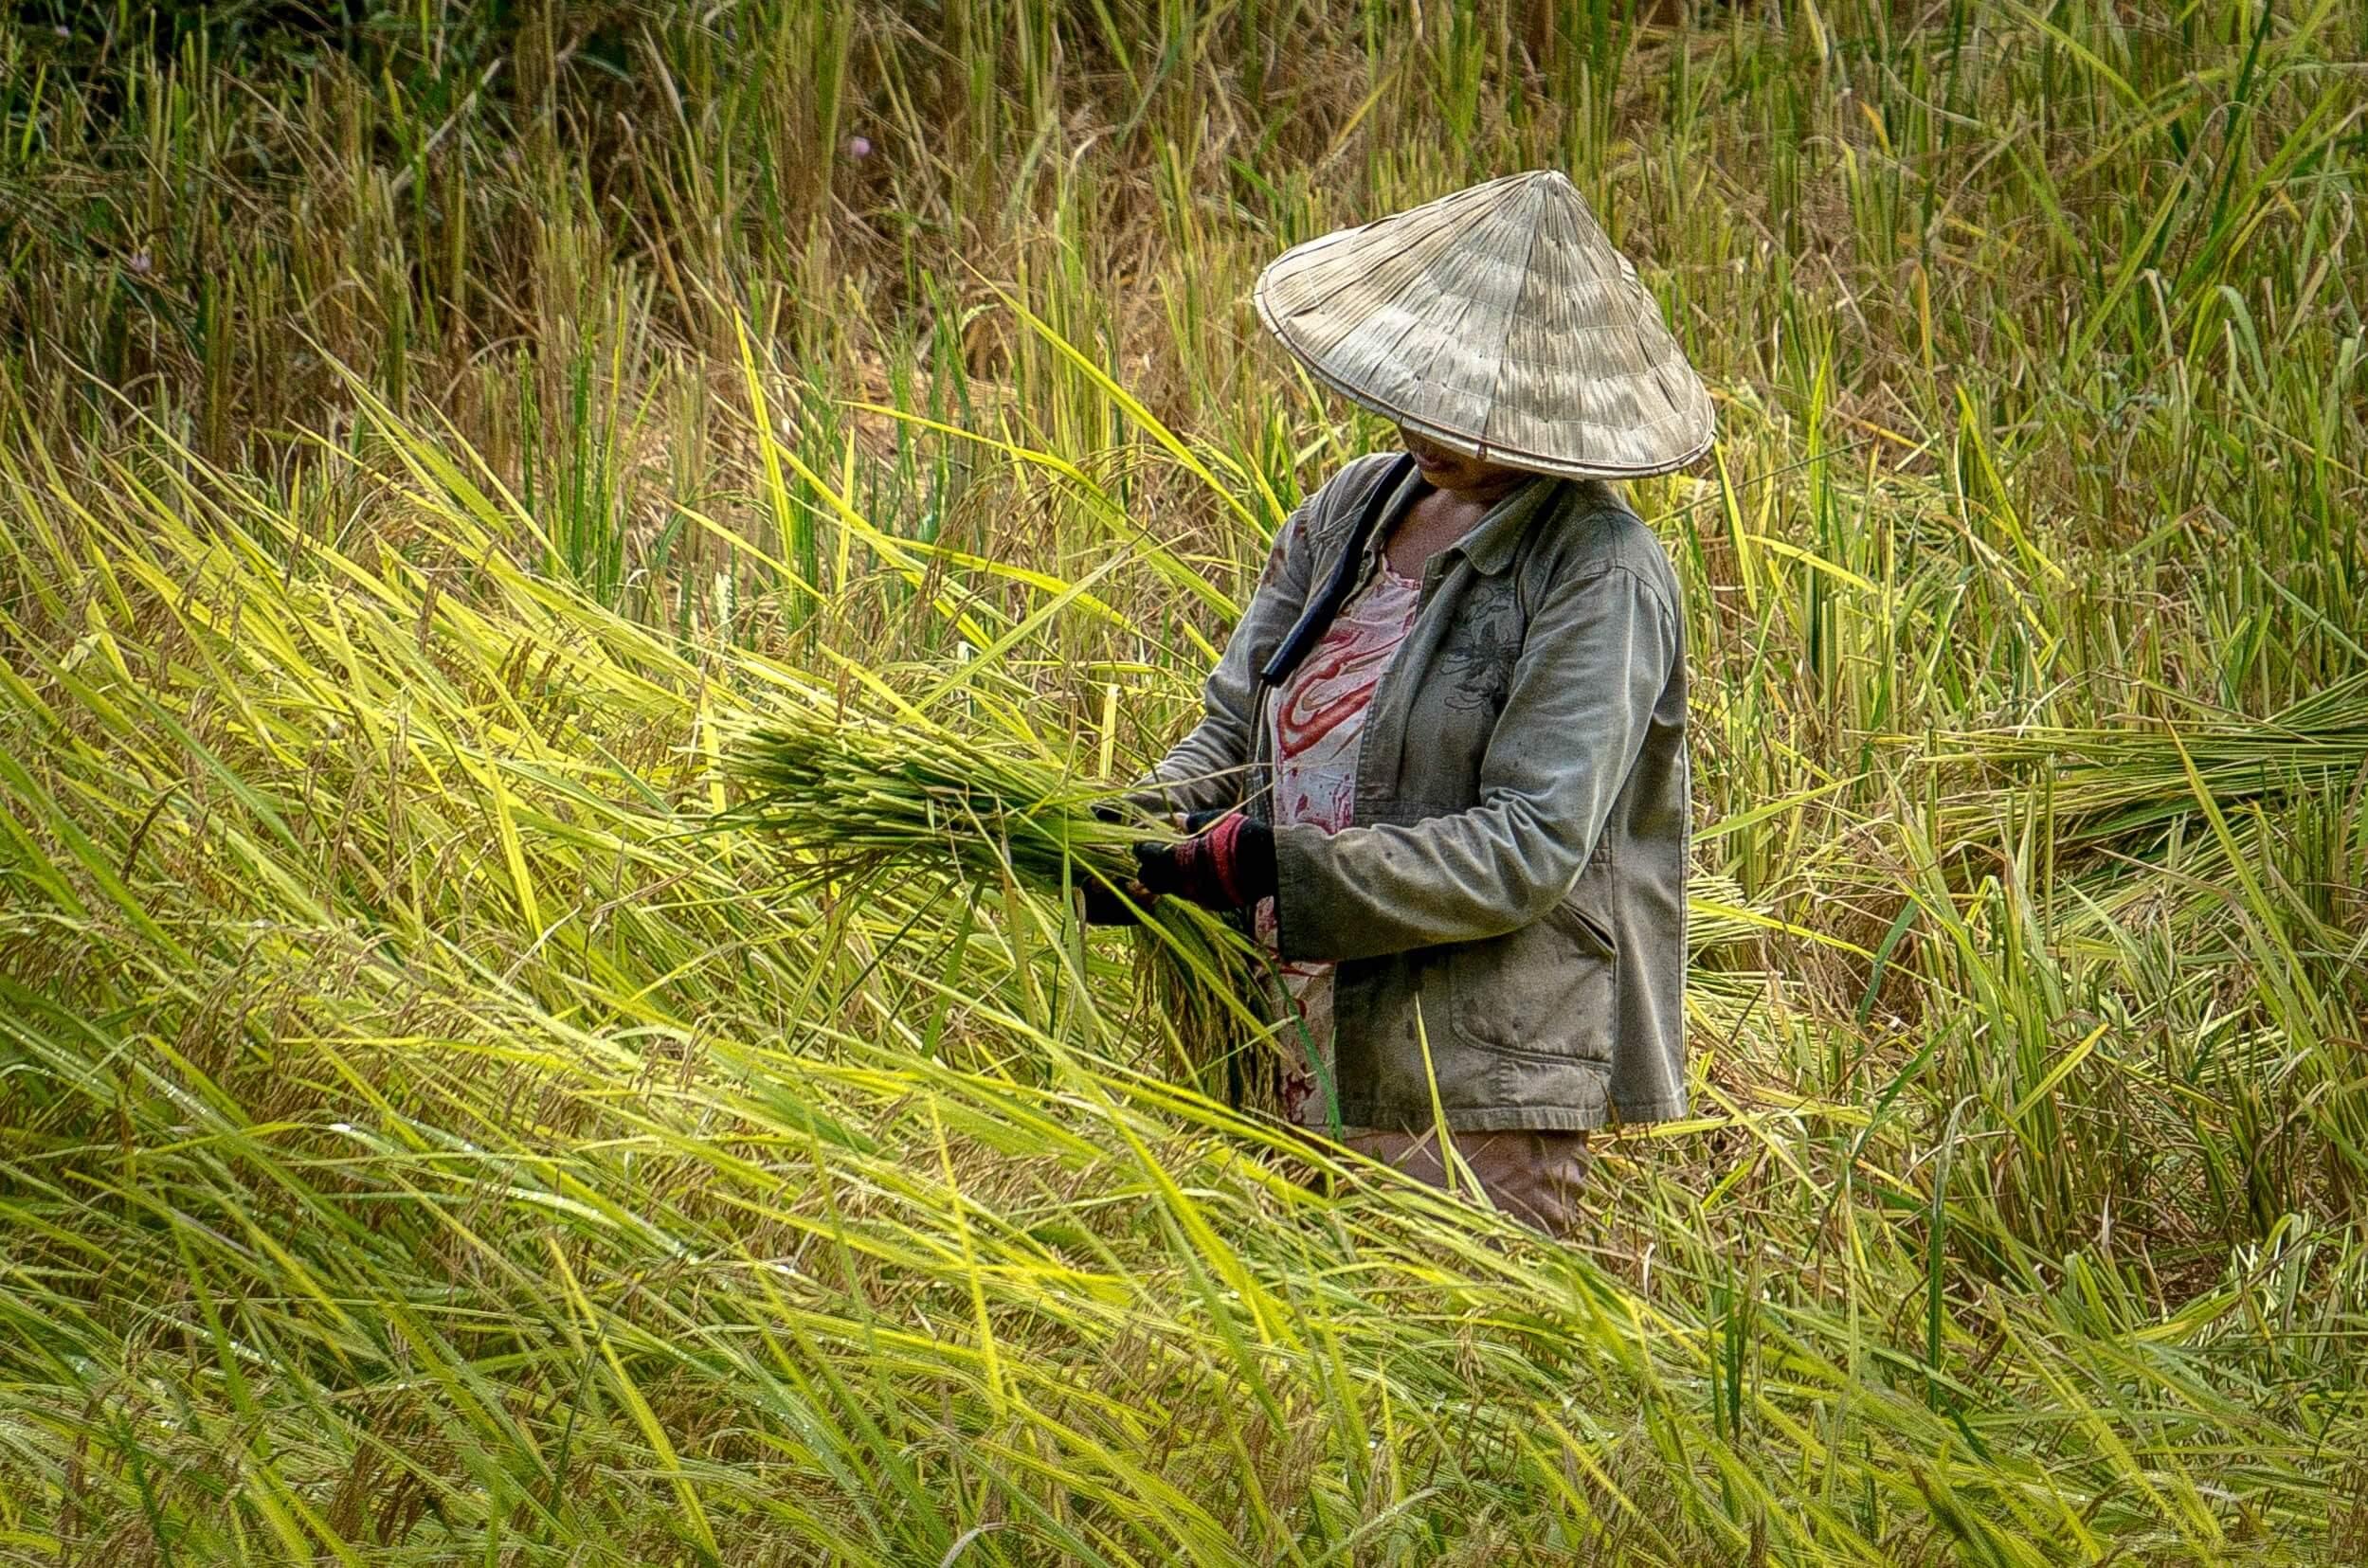 mujer asiatica cosechando trigo